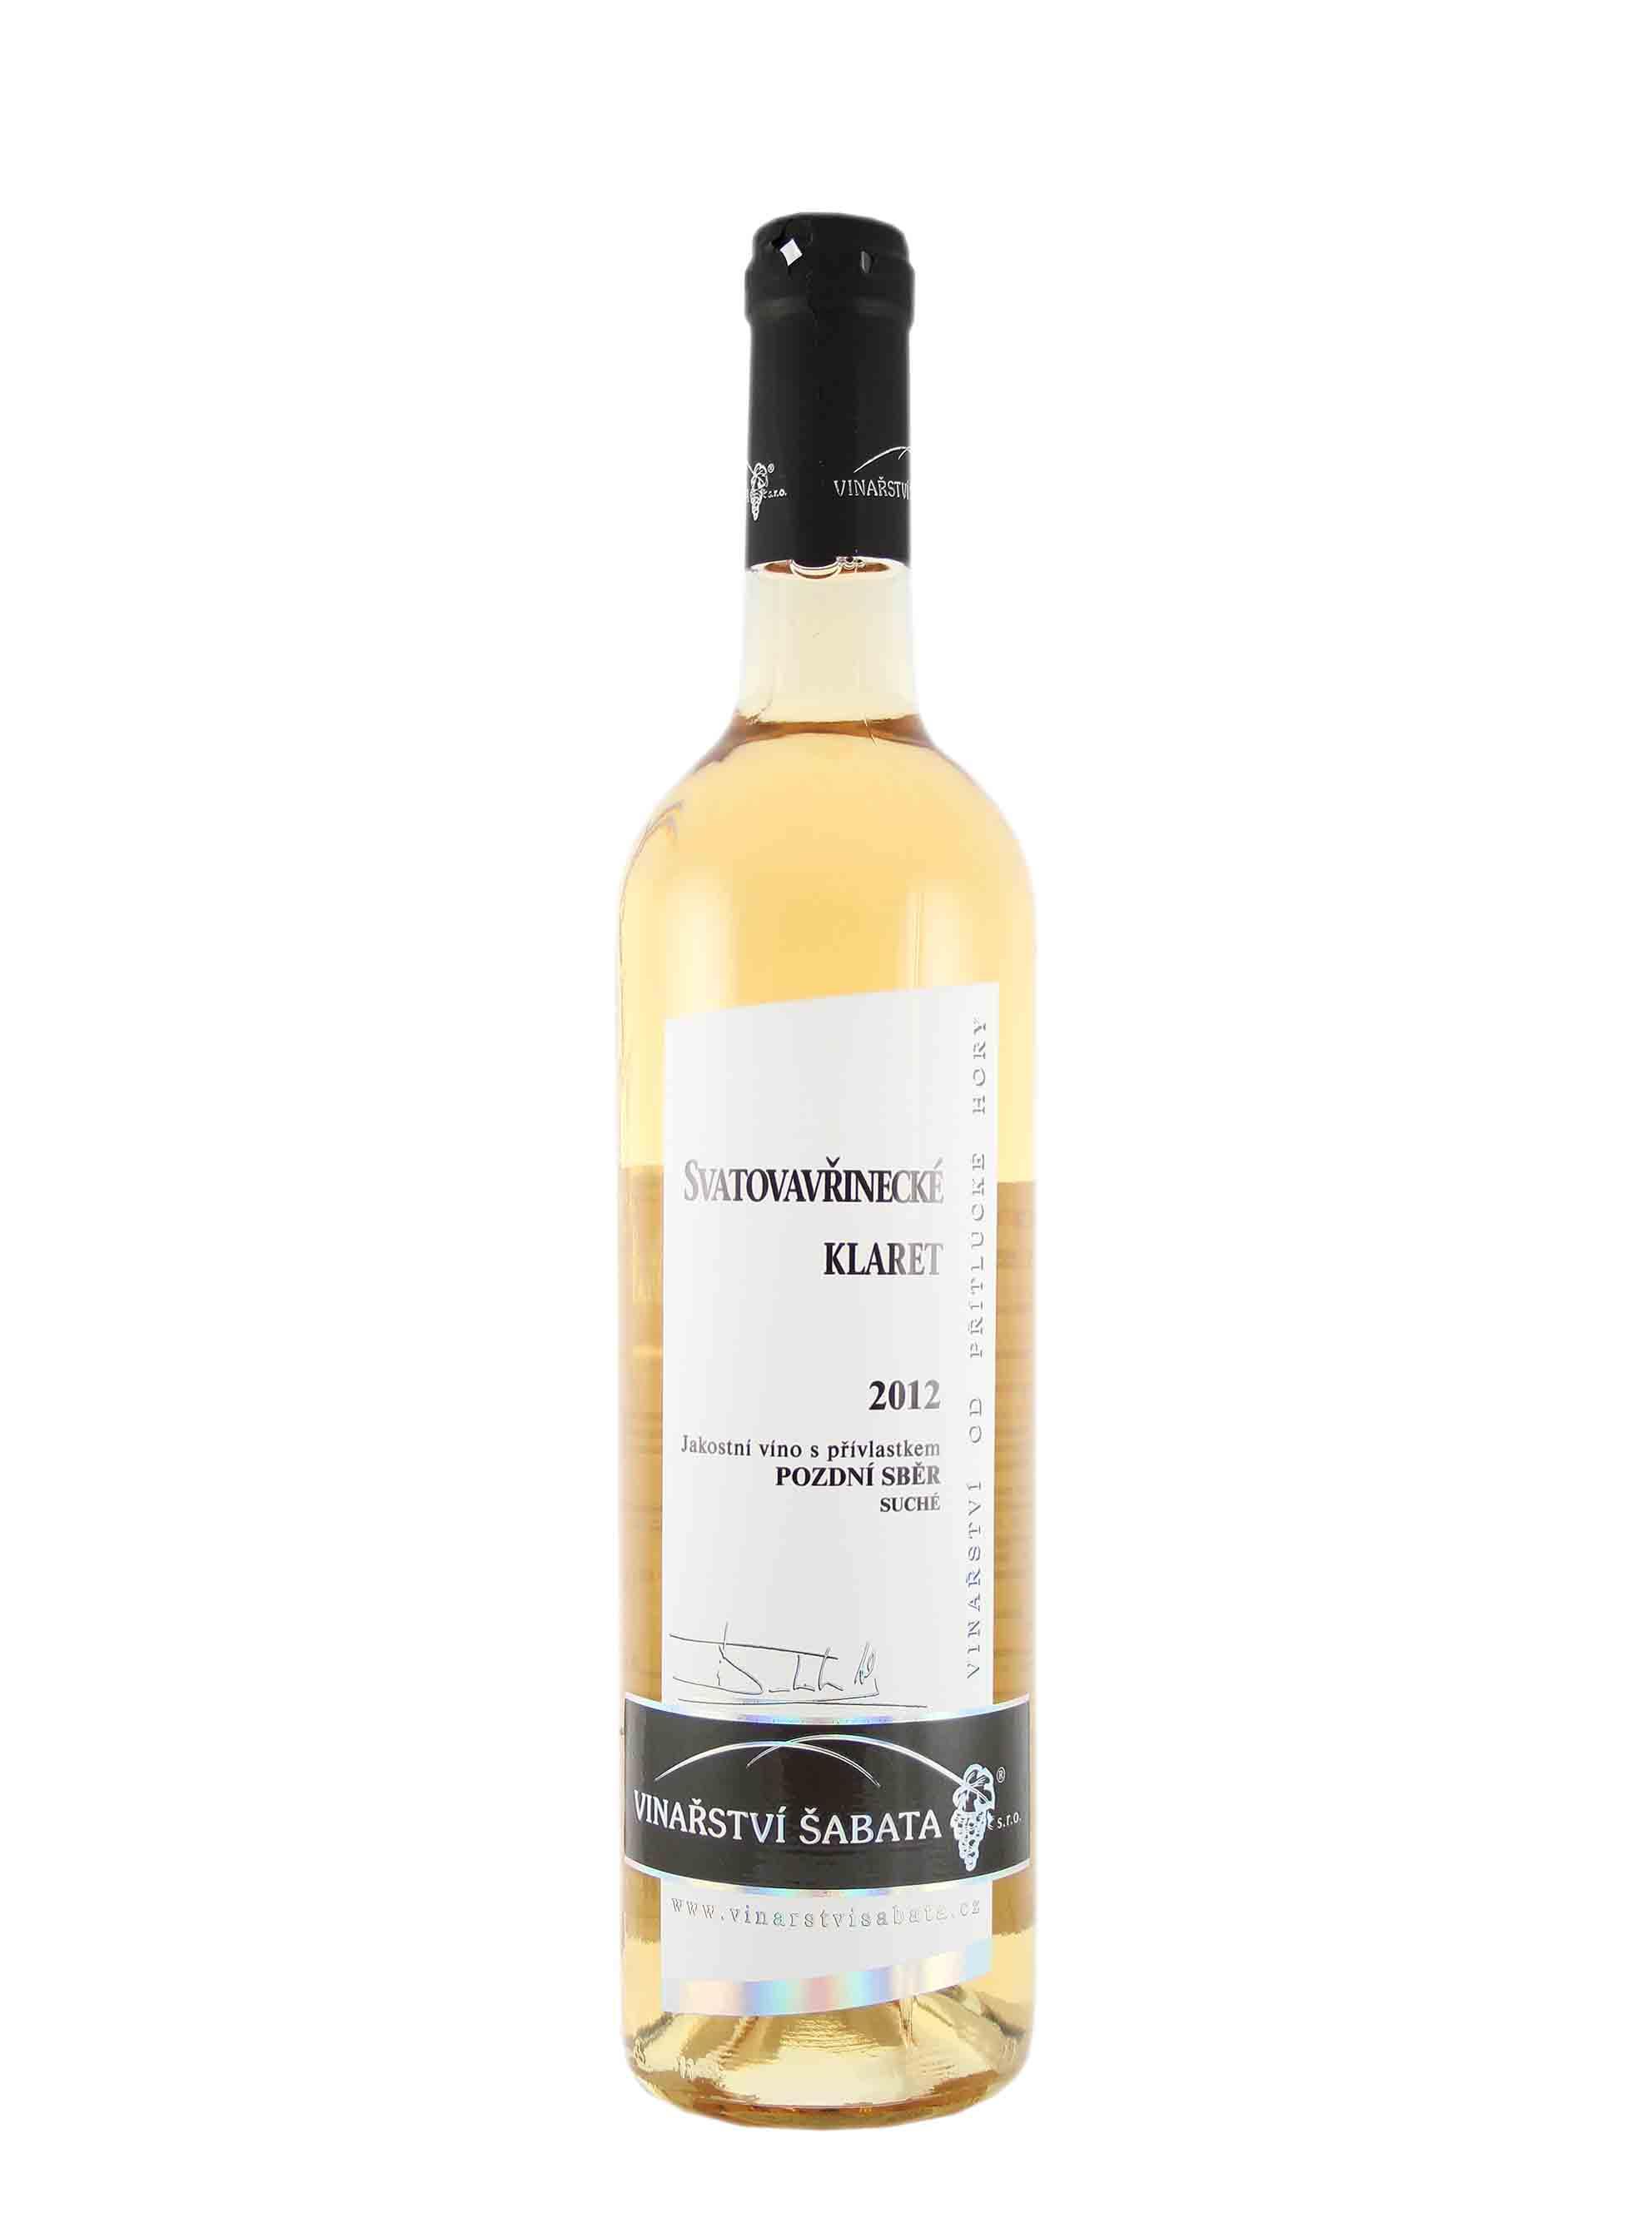 Svatovavřinecké, Pozdní sběr - Klaret, 2012, Vinařství Šabata, 0.75 l